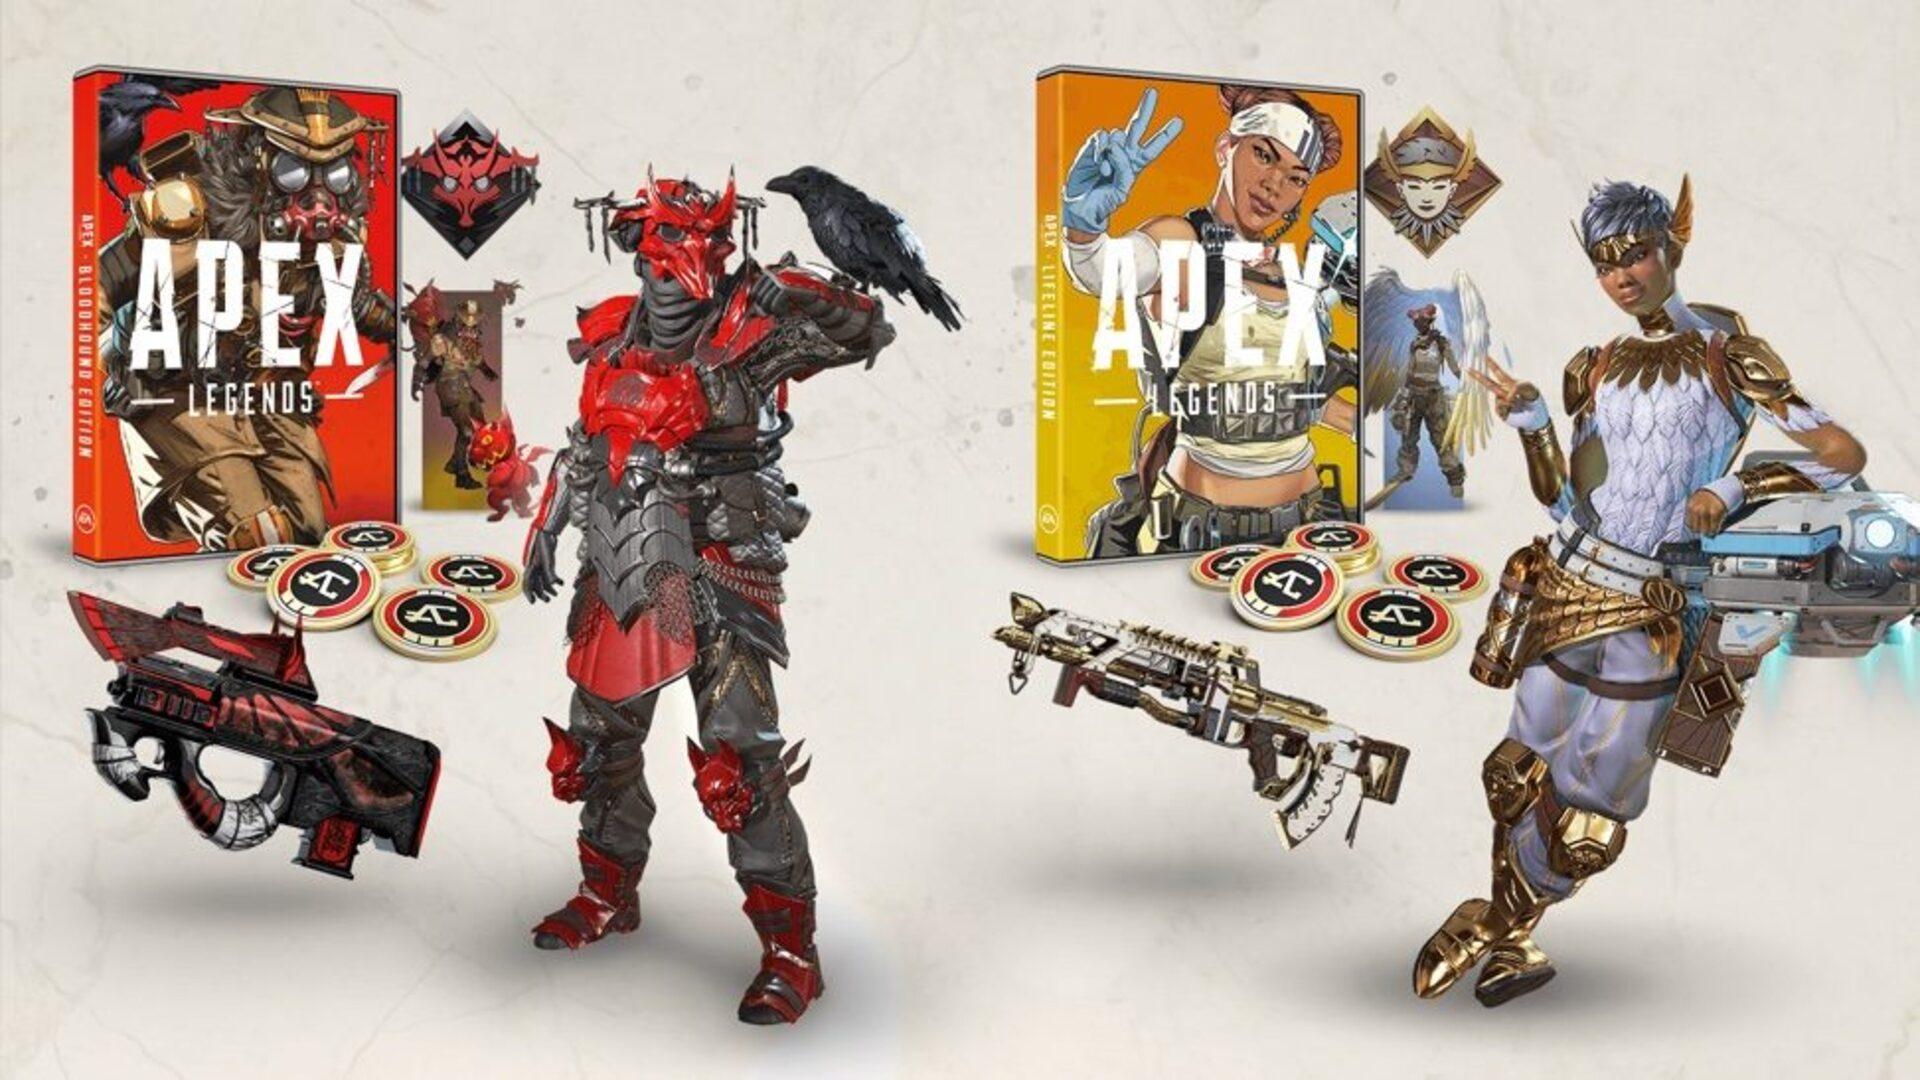 Apex Legends: Lifeline Edition (DLC) sur PS4 à 9,71€, Bloodhound Edition à 12,61€ (Dématérialisé)